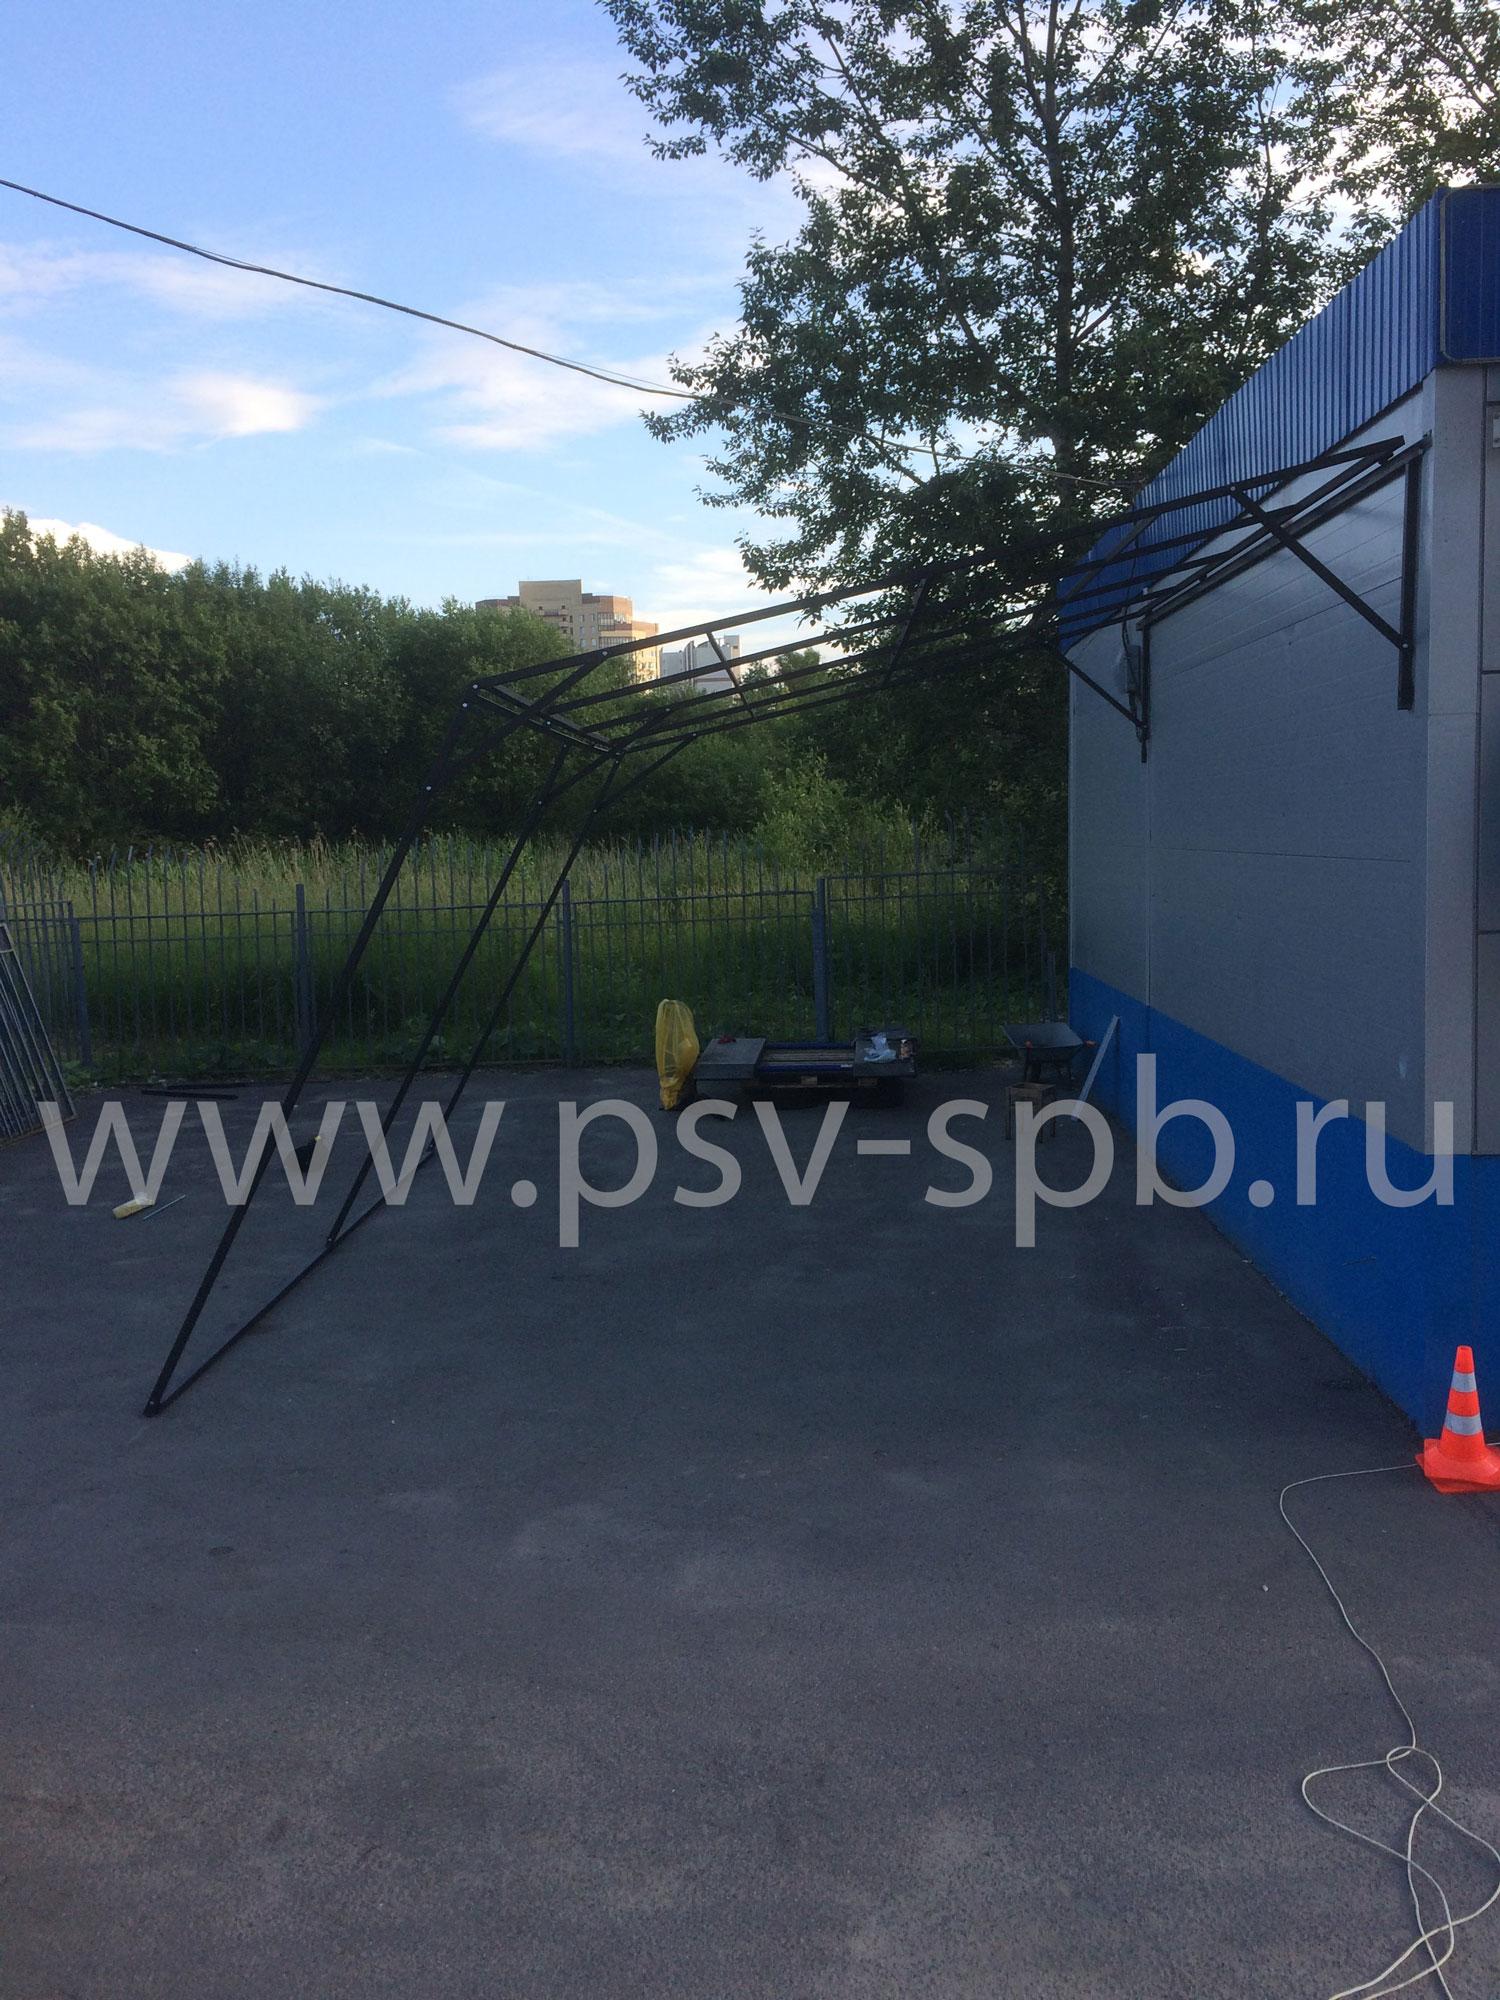 Металлический навес под заказа в СПб